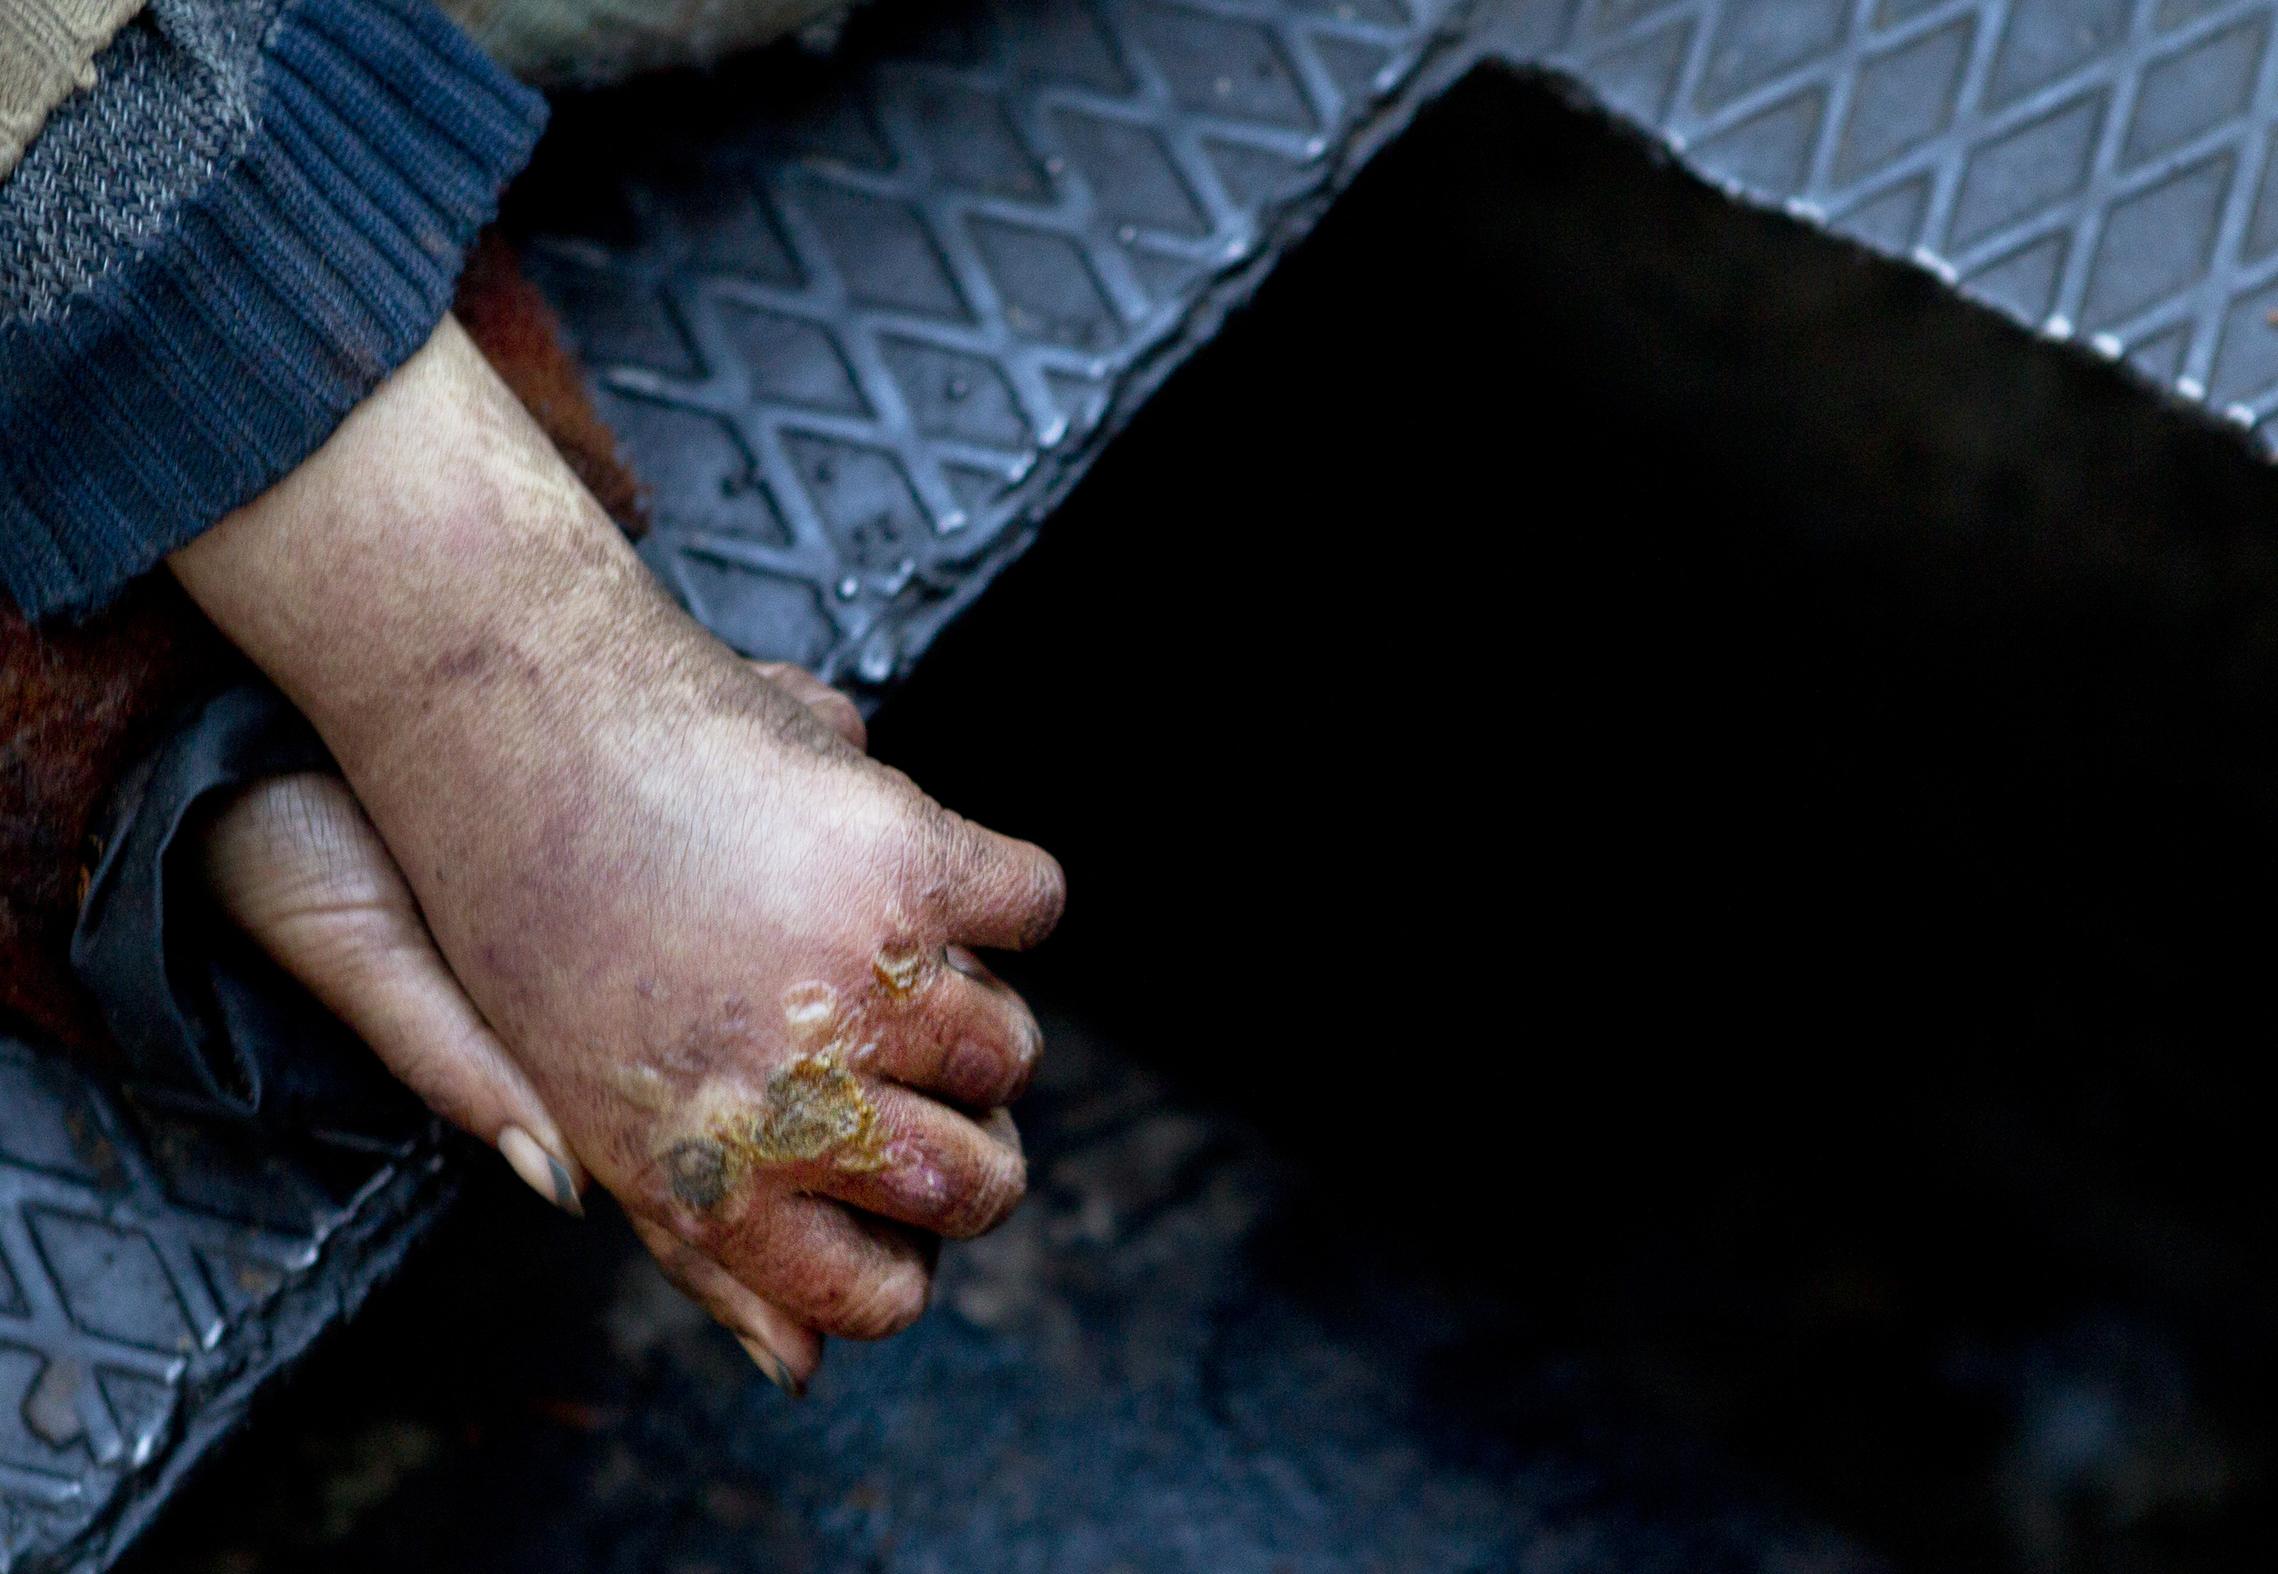 A homeless woman's hands.